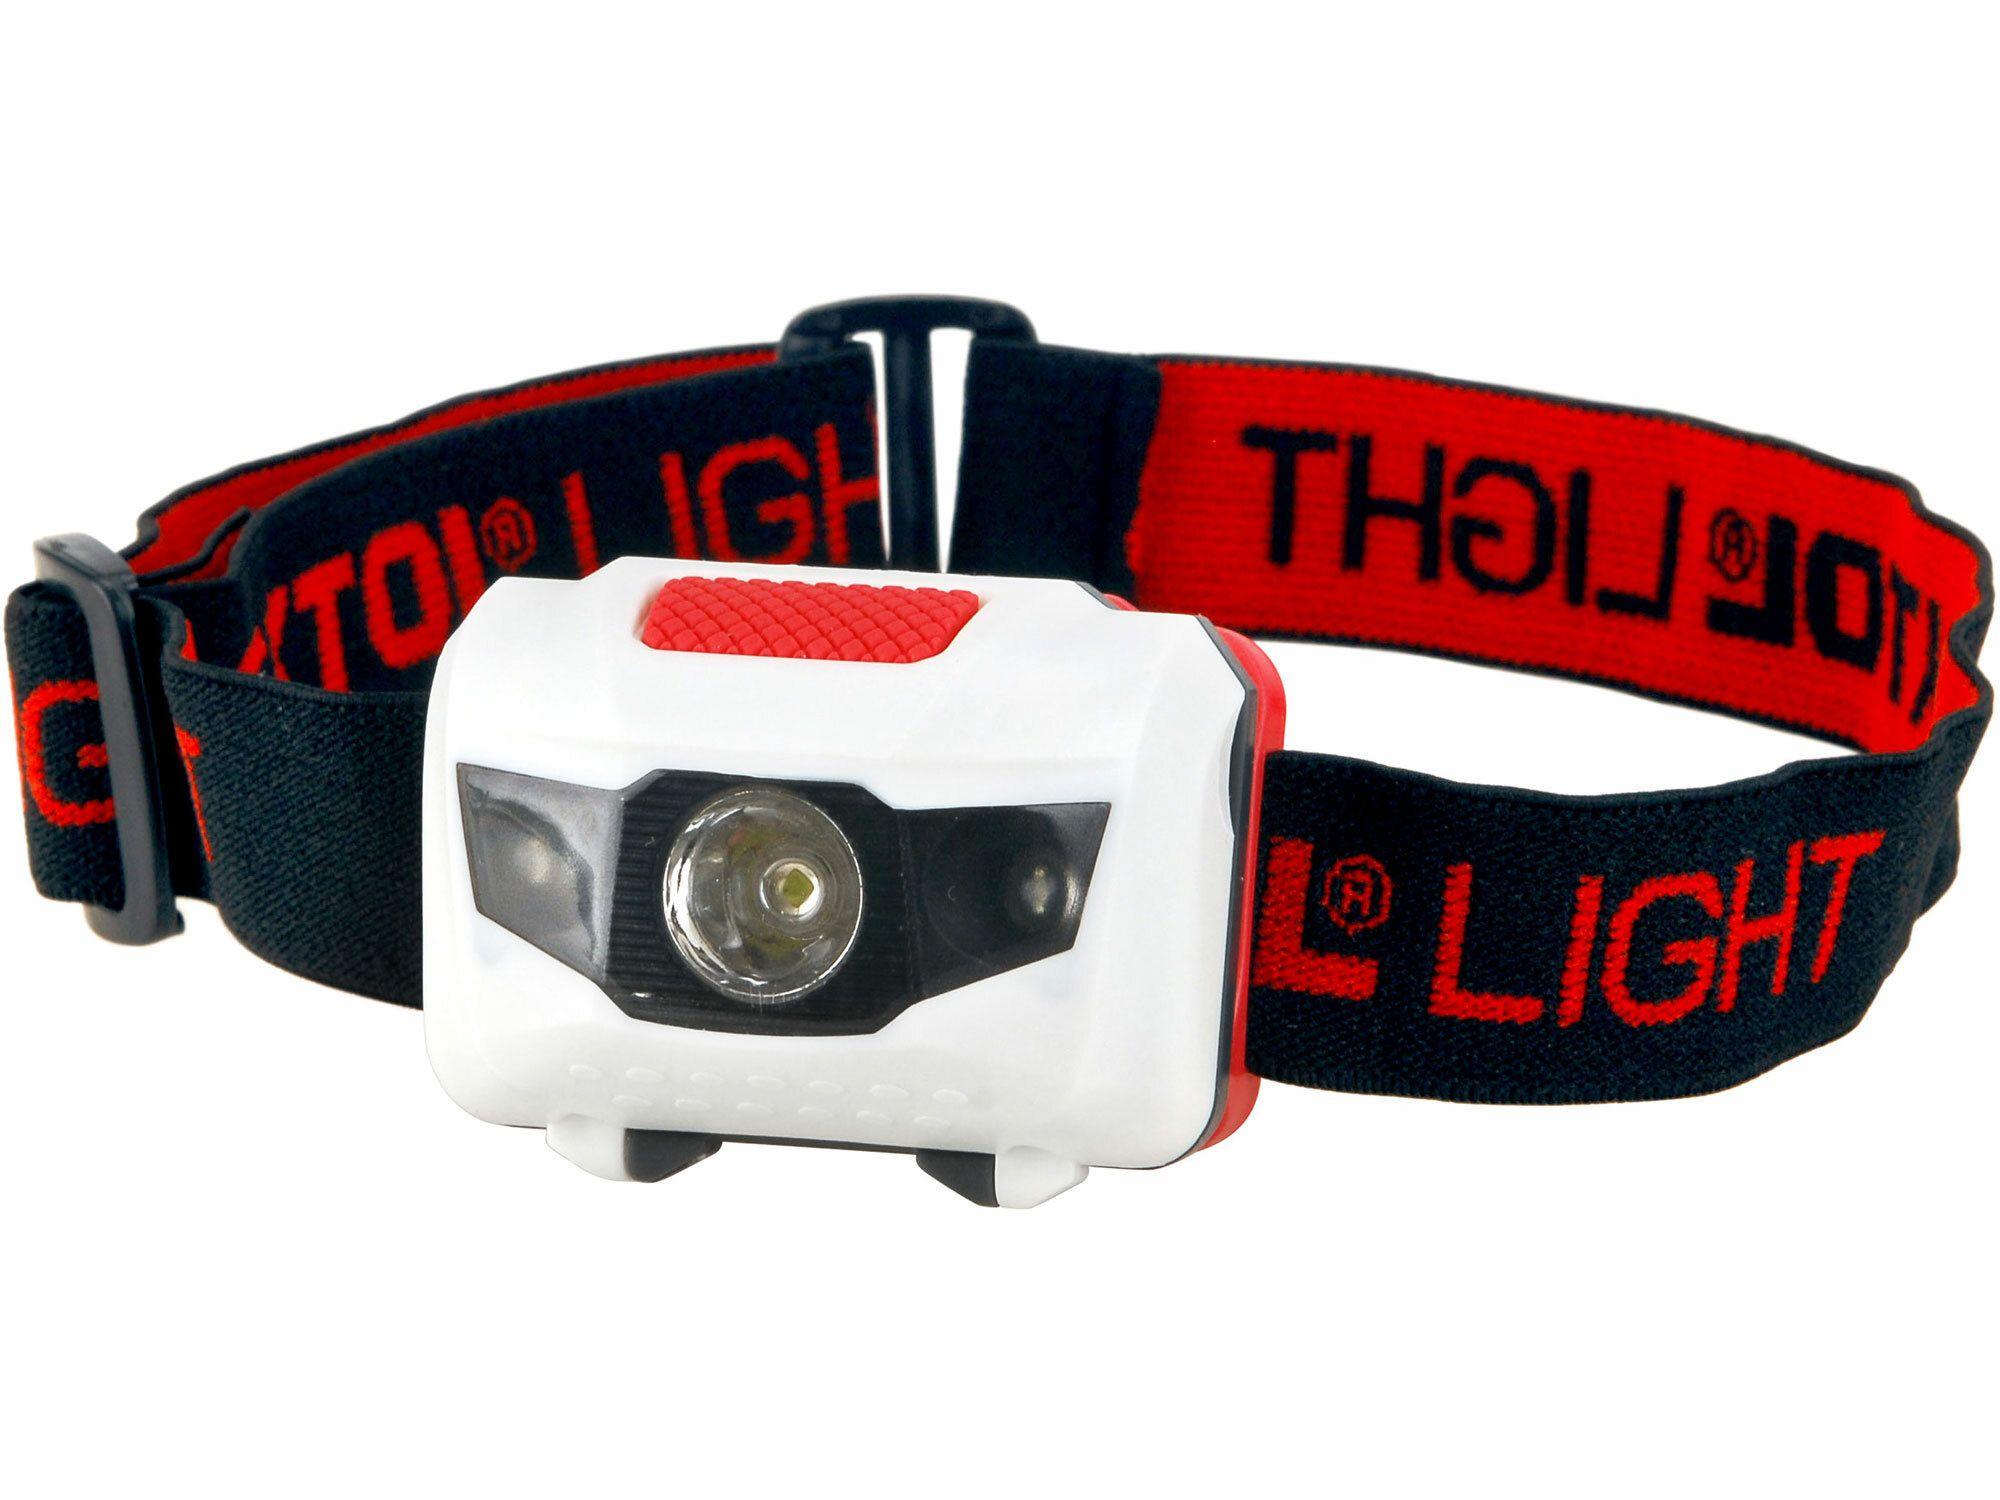 Čelovka 1W + 2LED, 4módy světla: 100%, 50%, červené LED, červ. LED blikání, EXTOL LIGHT 43102